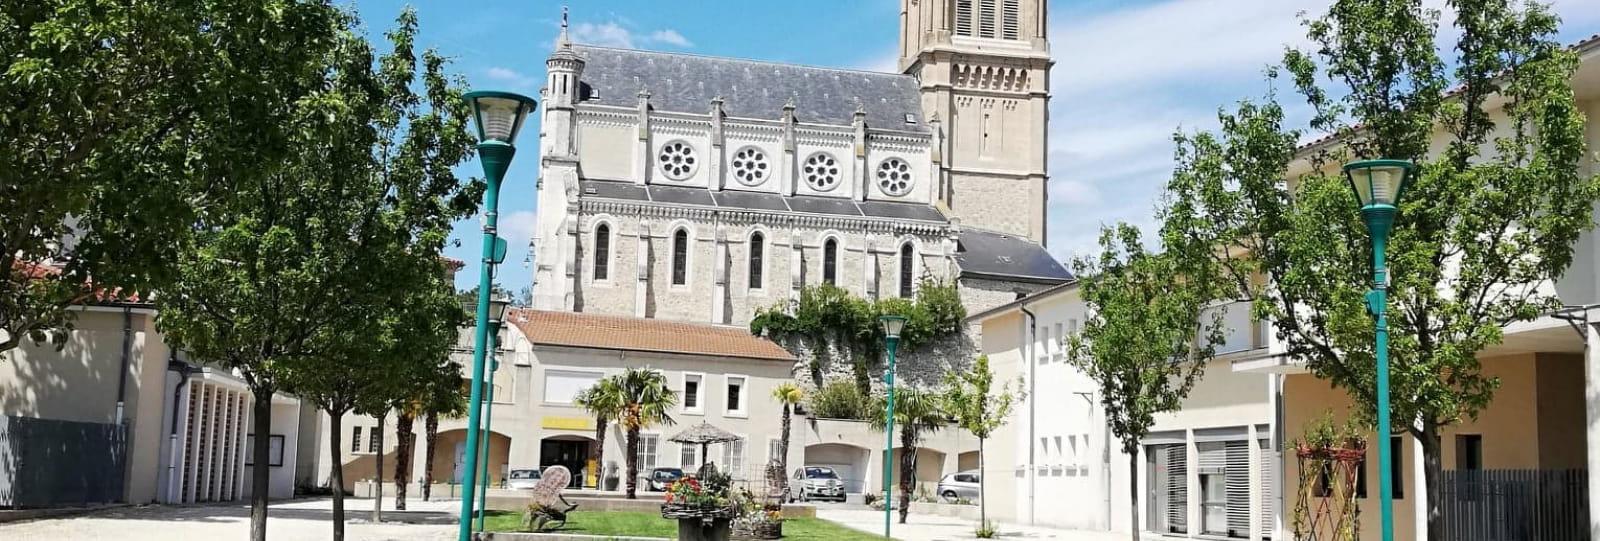 Village de Montélier